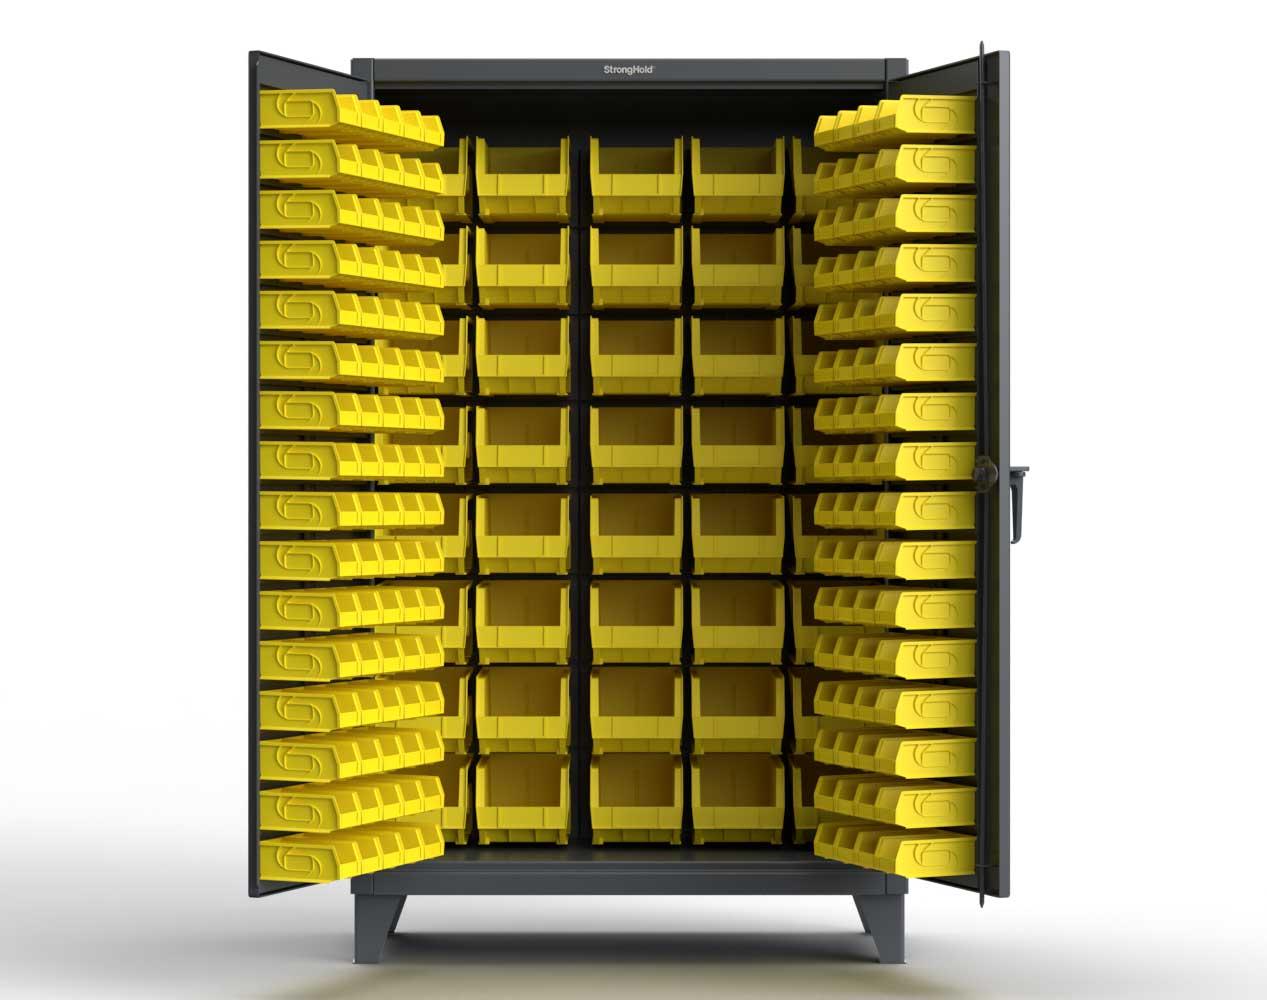 Extreme Duty 12 GA All Bin Cabinet – 48 In. W x 24 In. D x 78 In. H